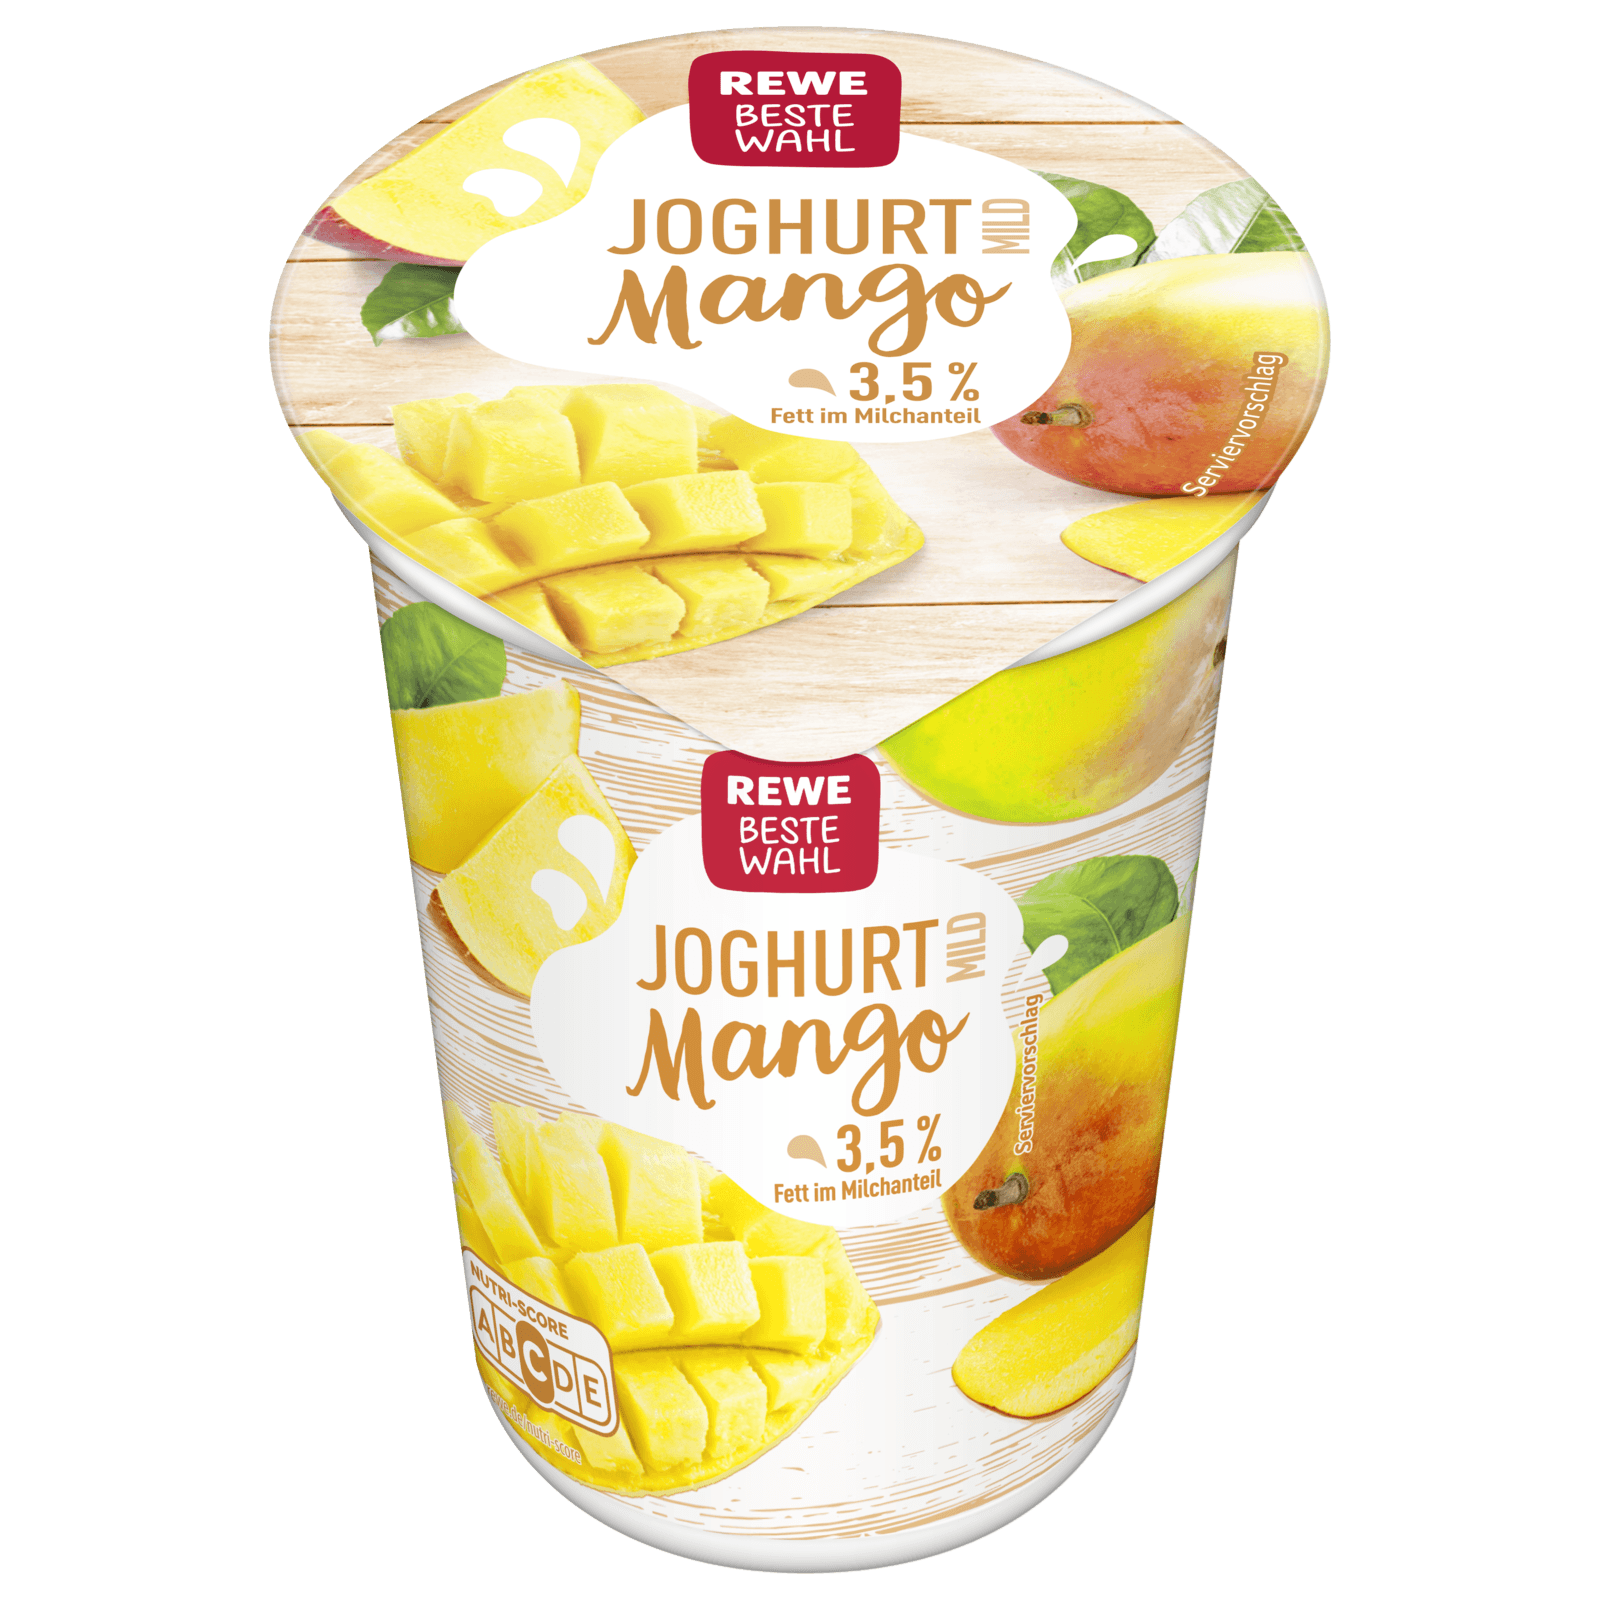 REWE Beste Wahl Joghurt mild Mango 250g